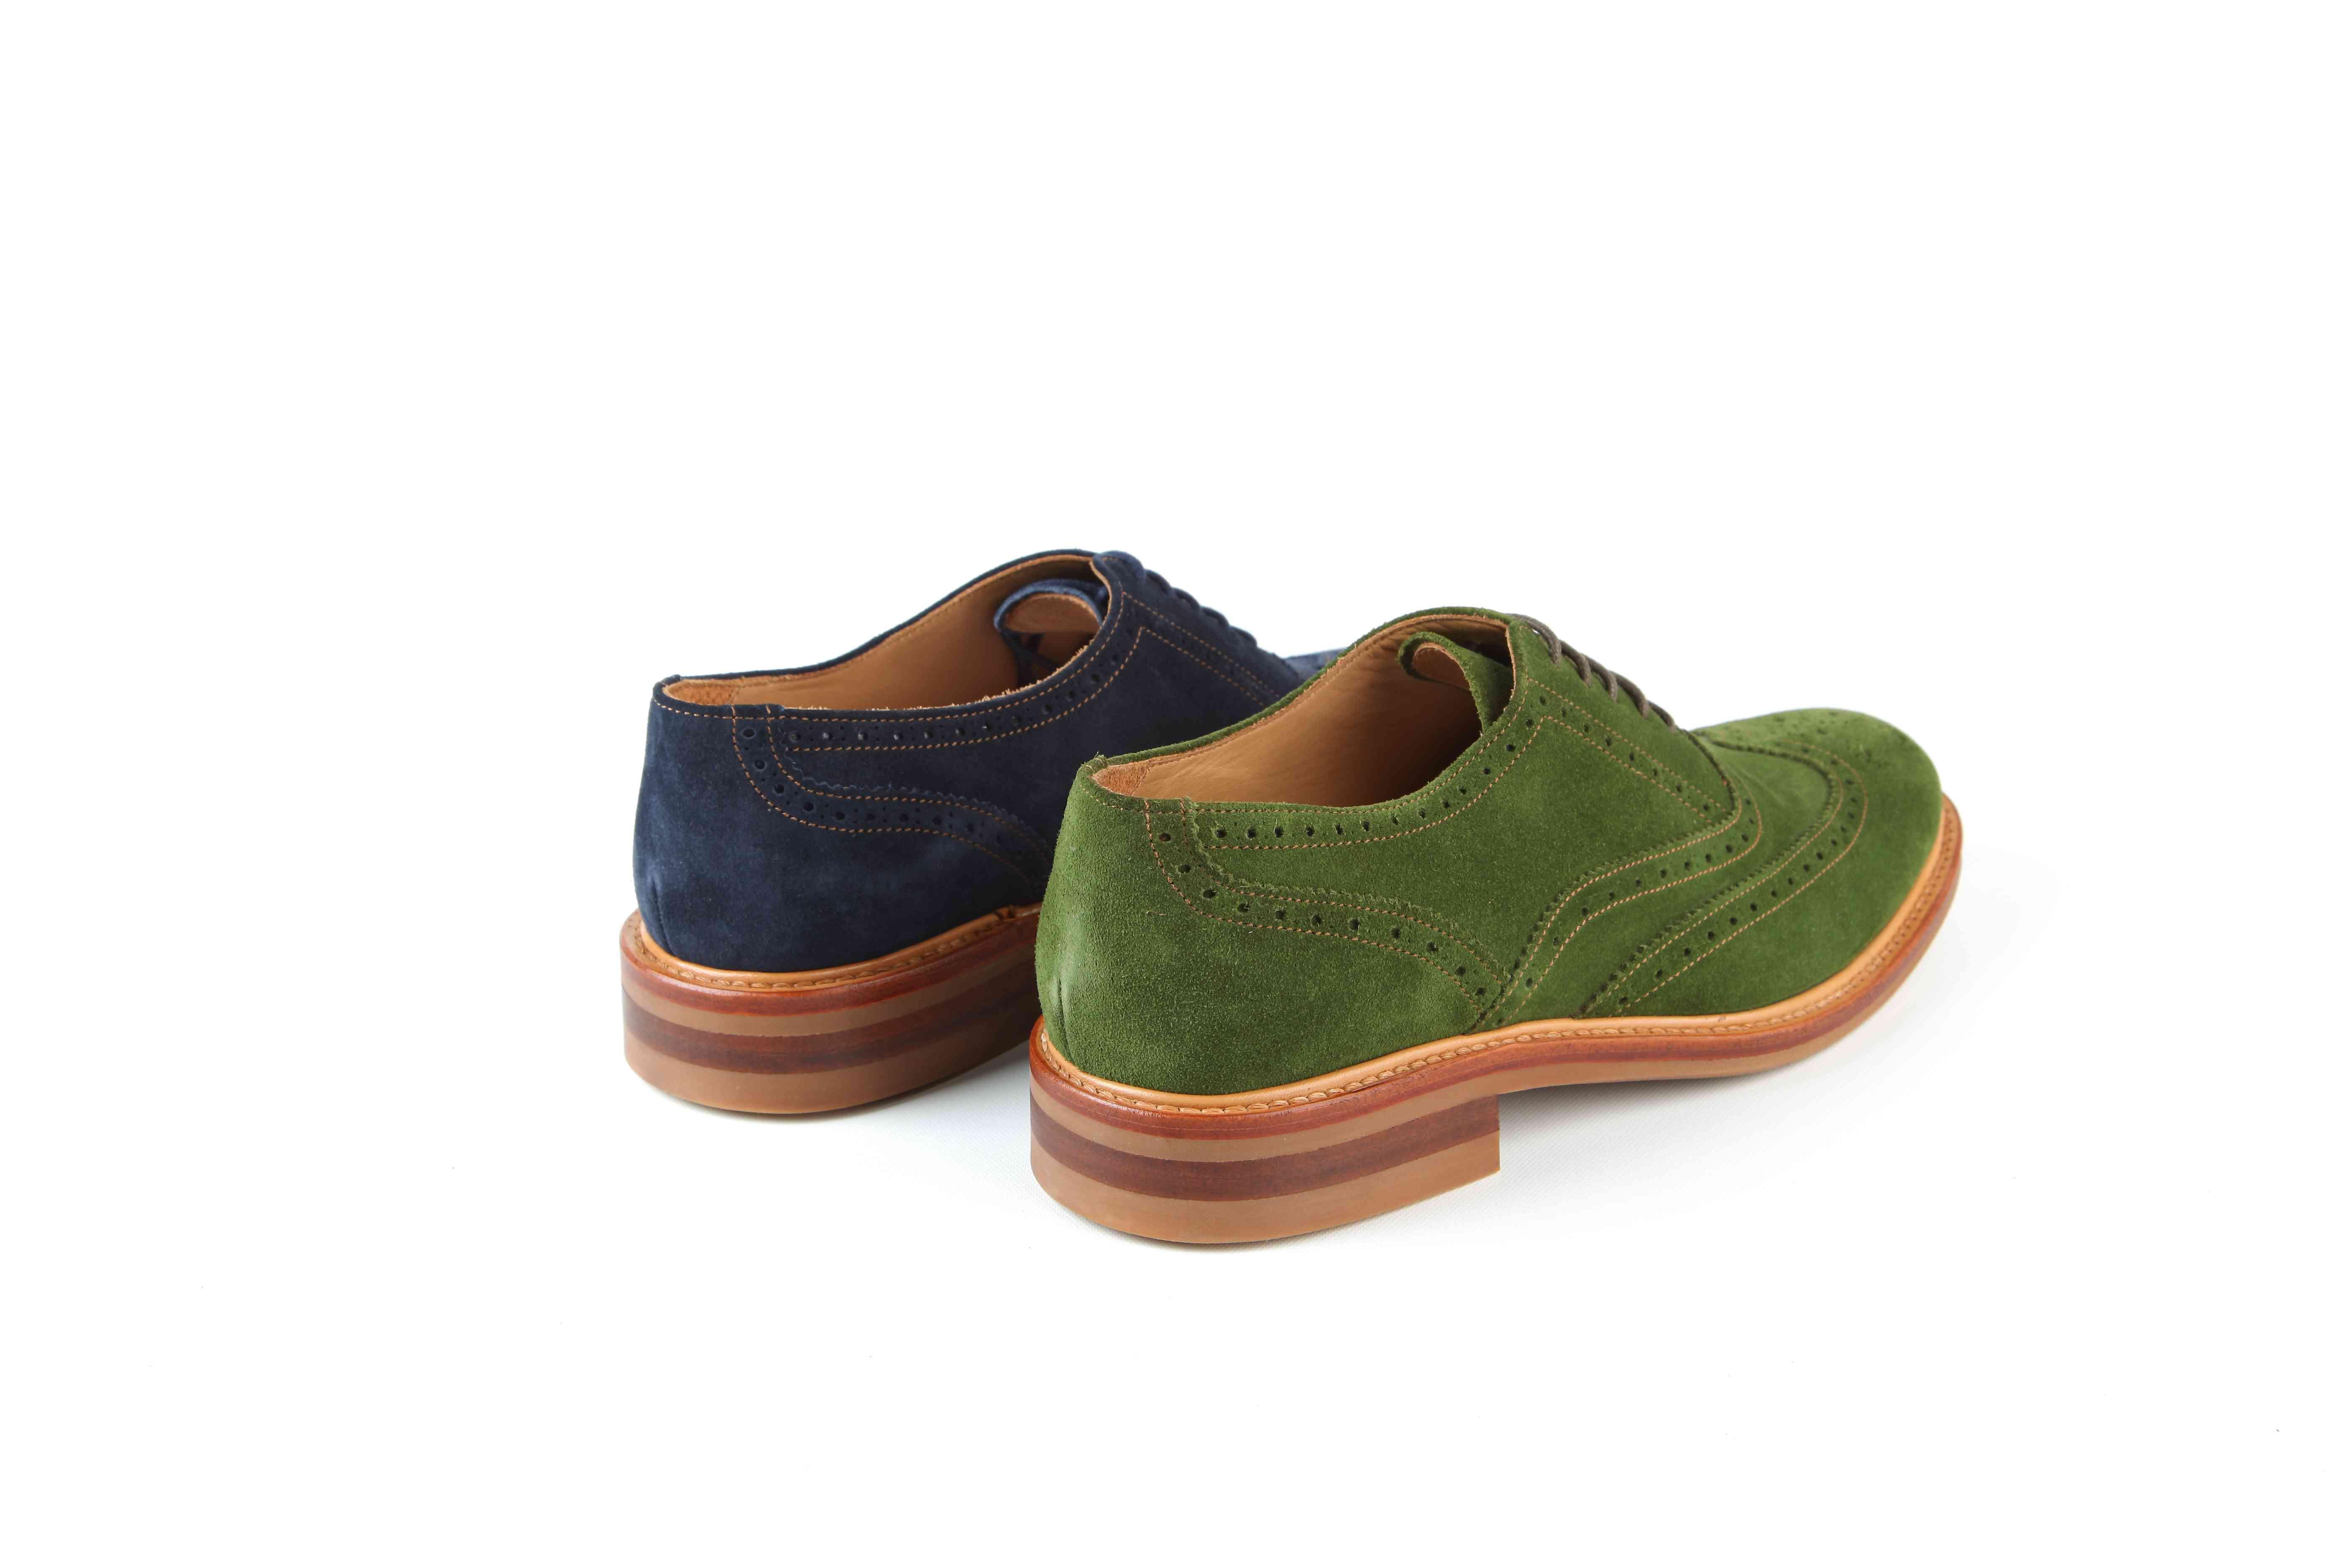 John White Shoes - www.gentlemansbutler.com